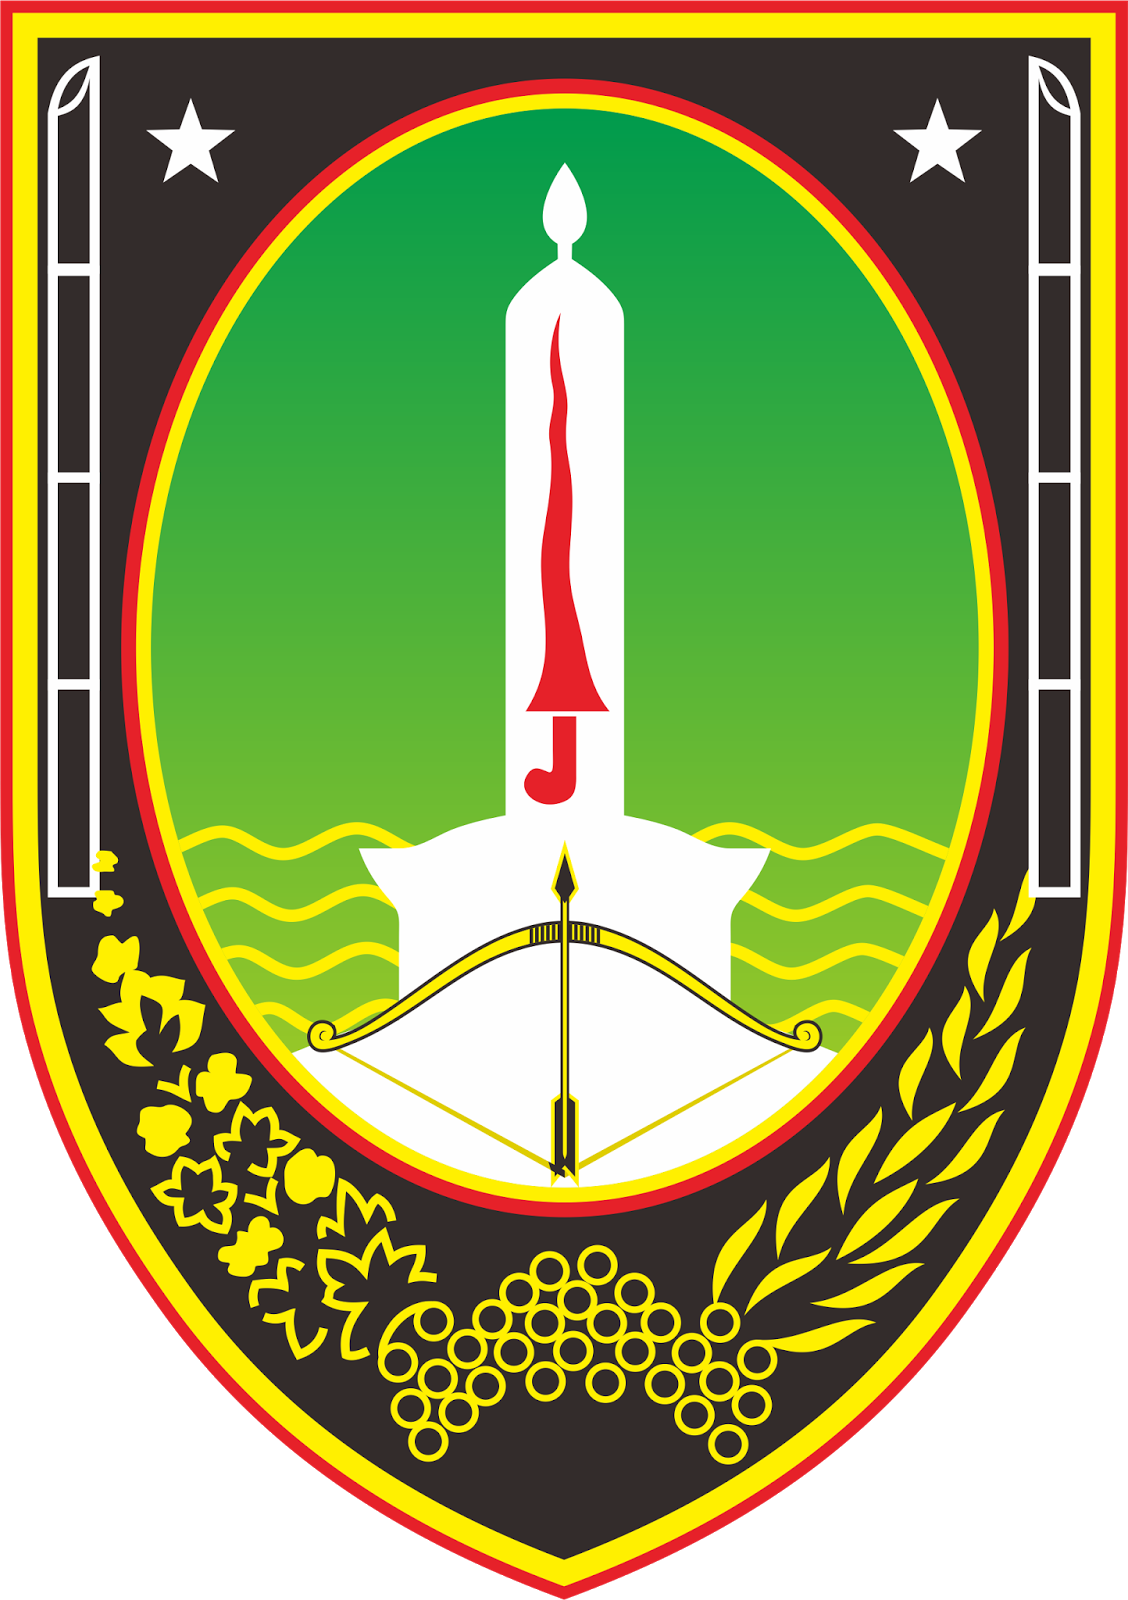 Daftar Formasi CPNS 2015 di Kota Solo